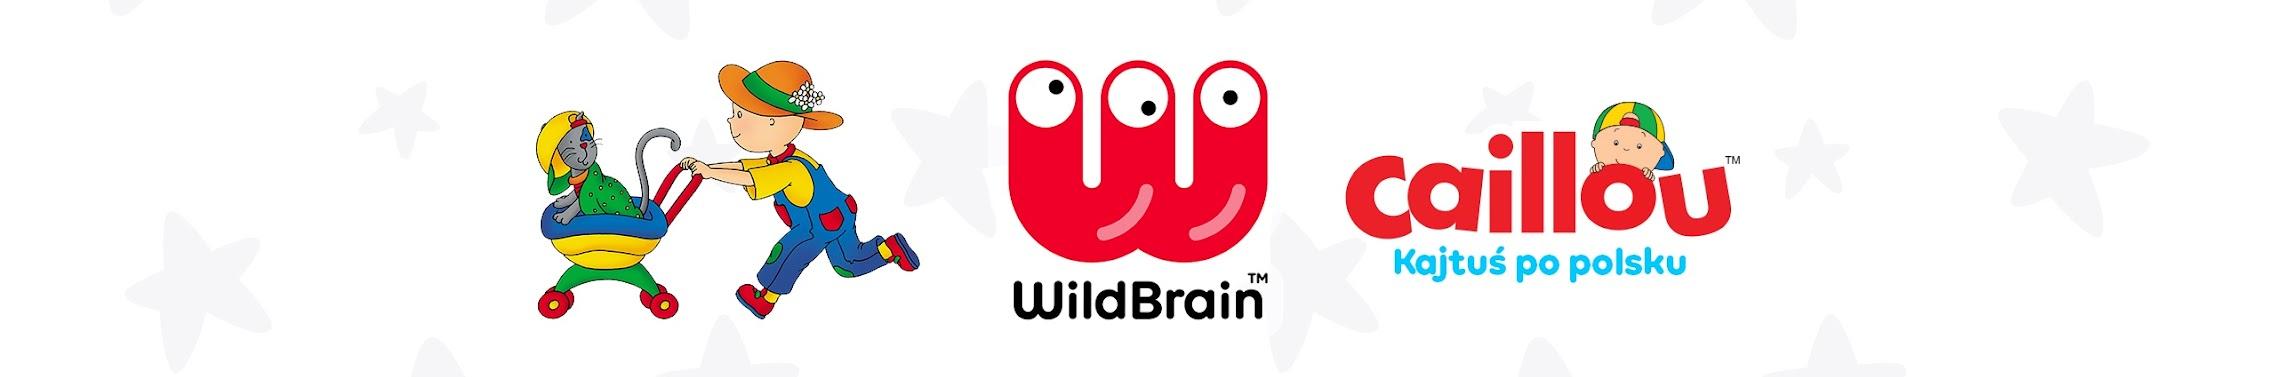 Kajtuś po Polsku [Caillou] - WildBrain